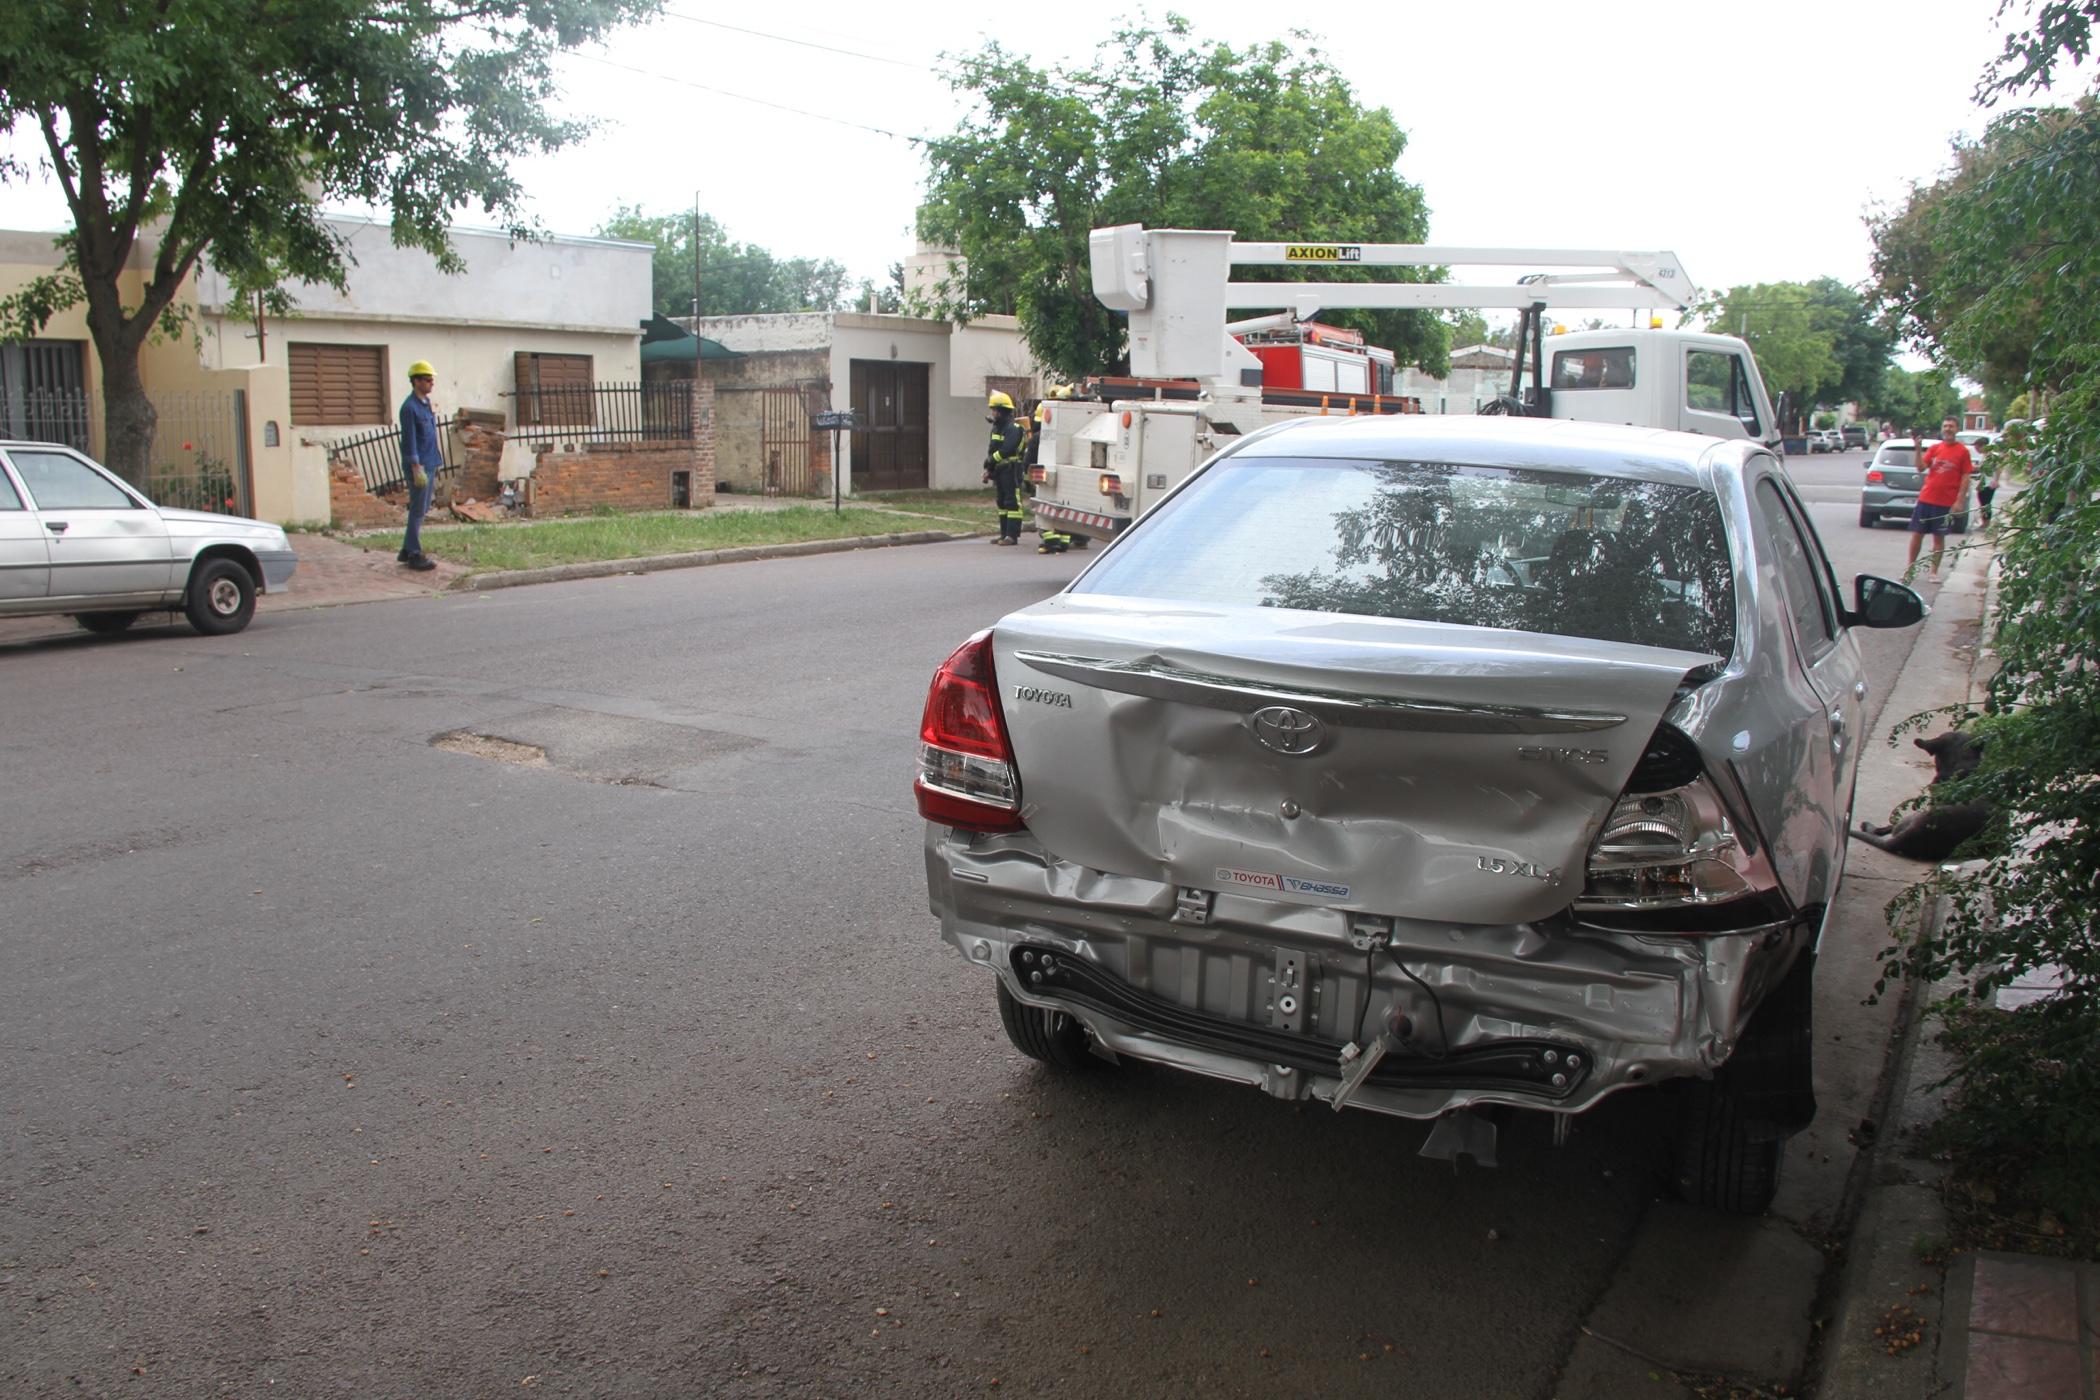 Accidente en calle 5 entre 32 y 34: Dio marcha atrás a toda velocidad y derribó un tapial, rompió una casilla de gas y una bajada de luz